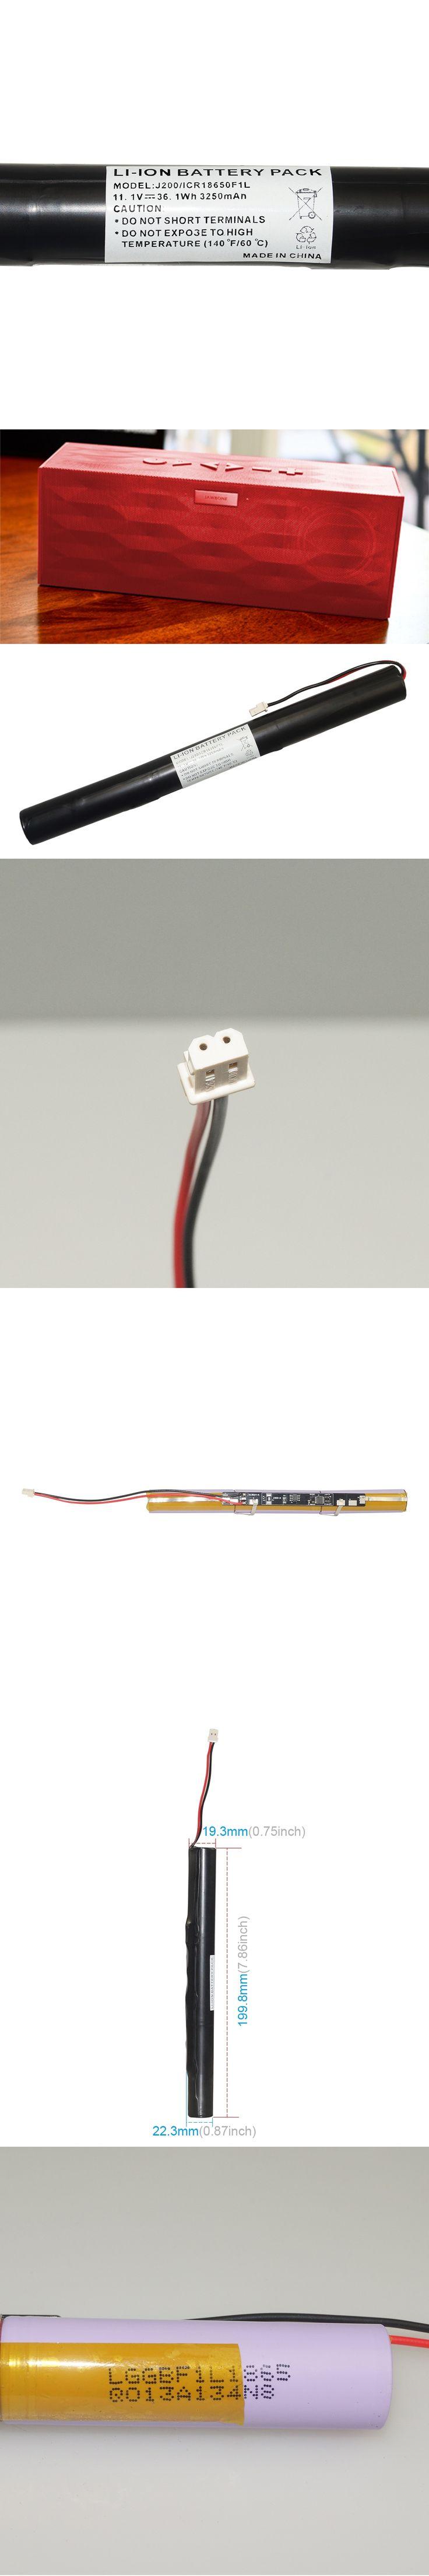 12 best Cables & Connectors images on Pinterest